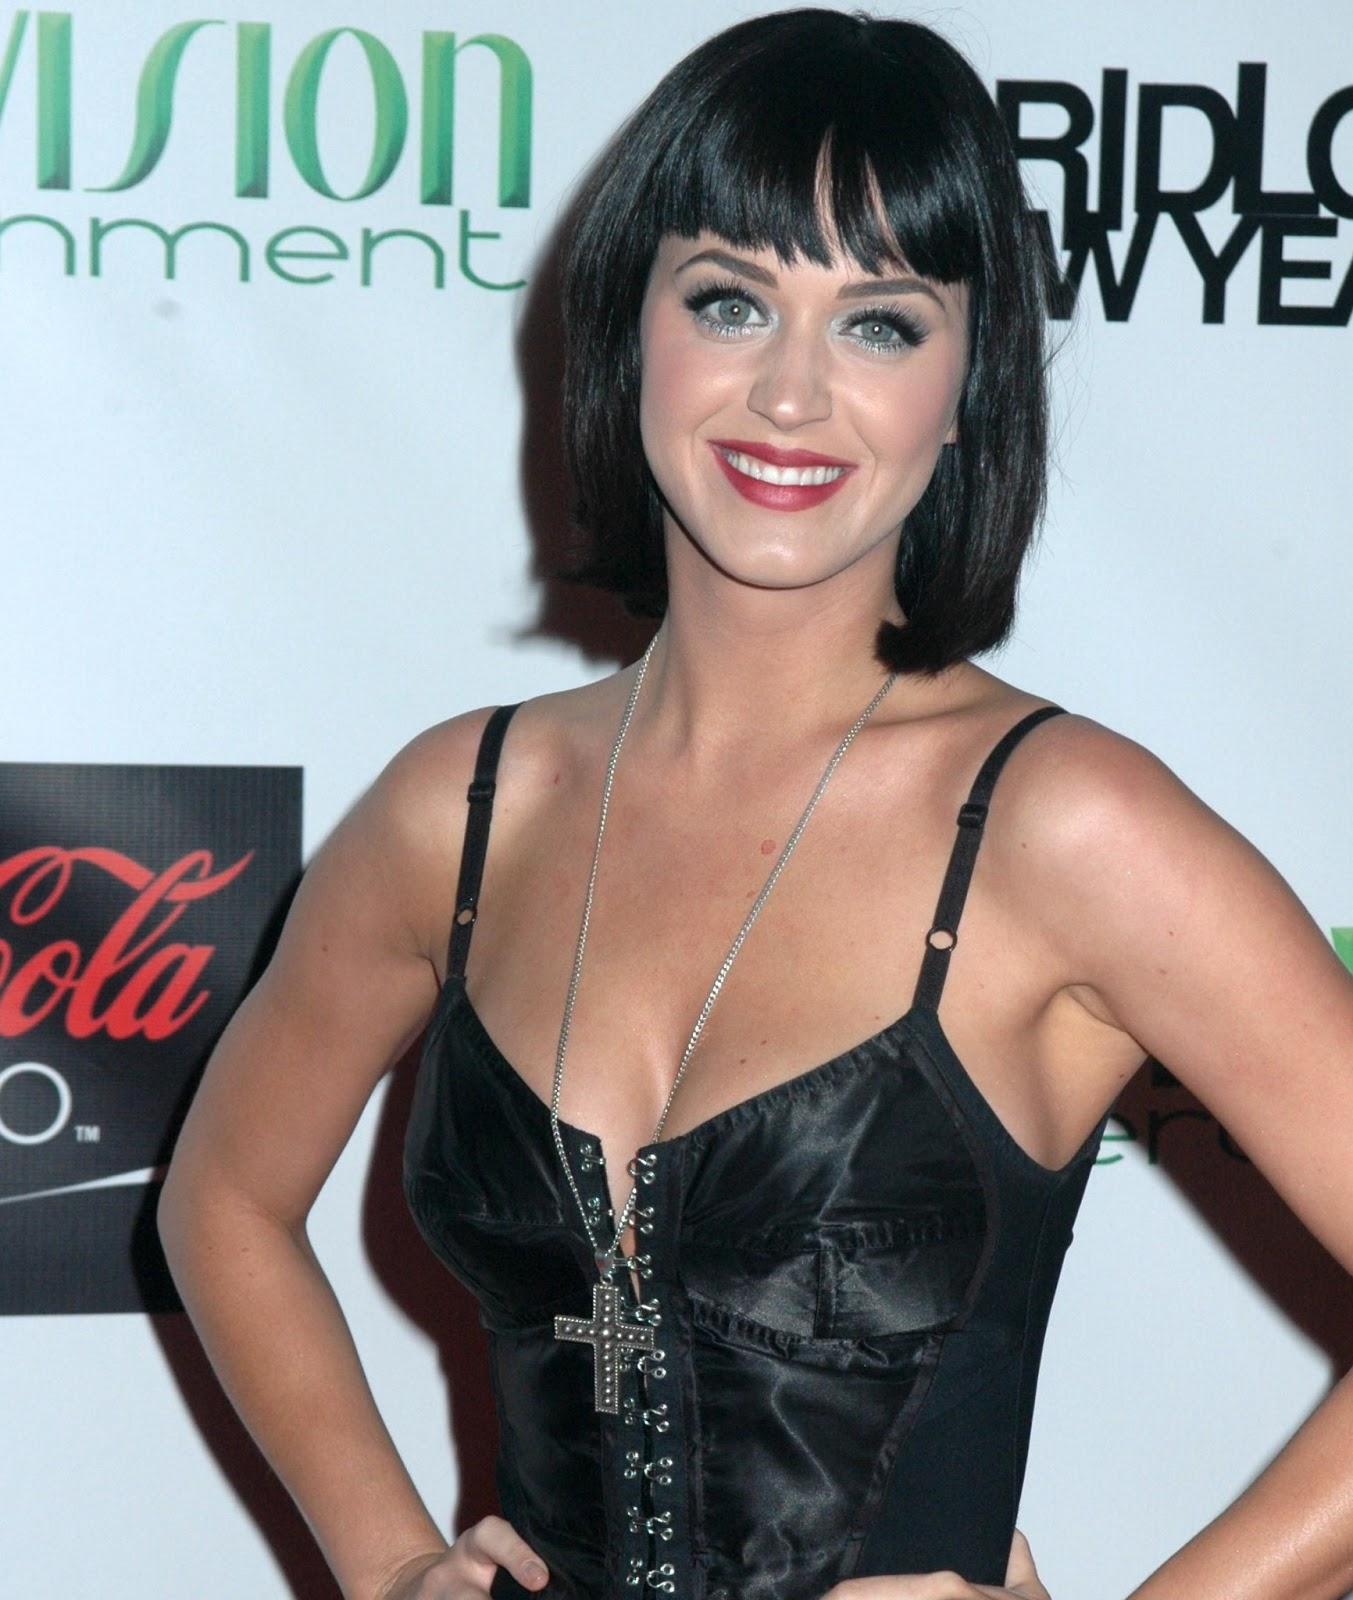 Mv la creativit di moda milano roma fashion icon katy perry diva pop - Diva futura hot ...